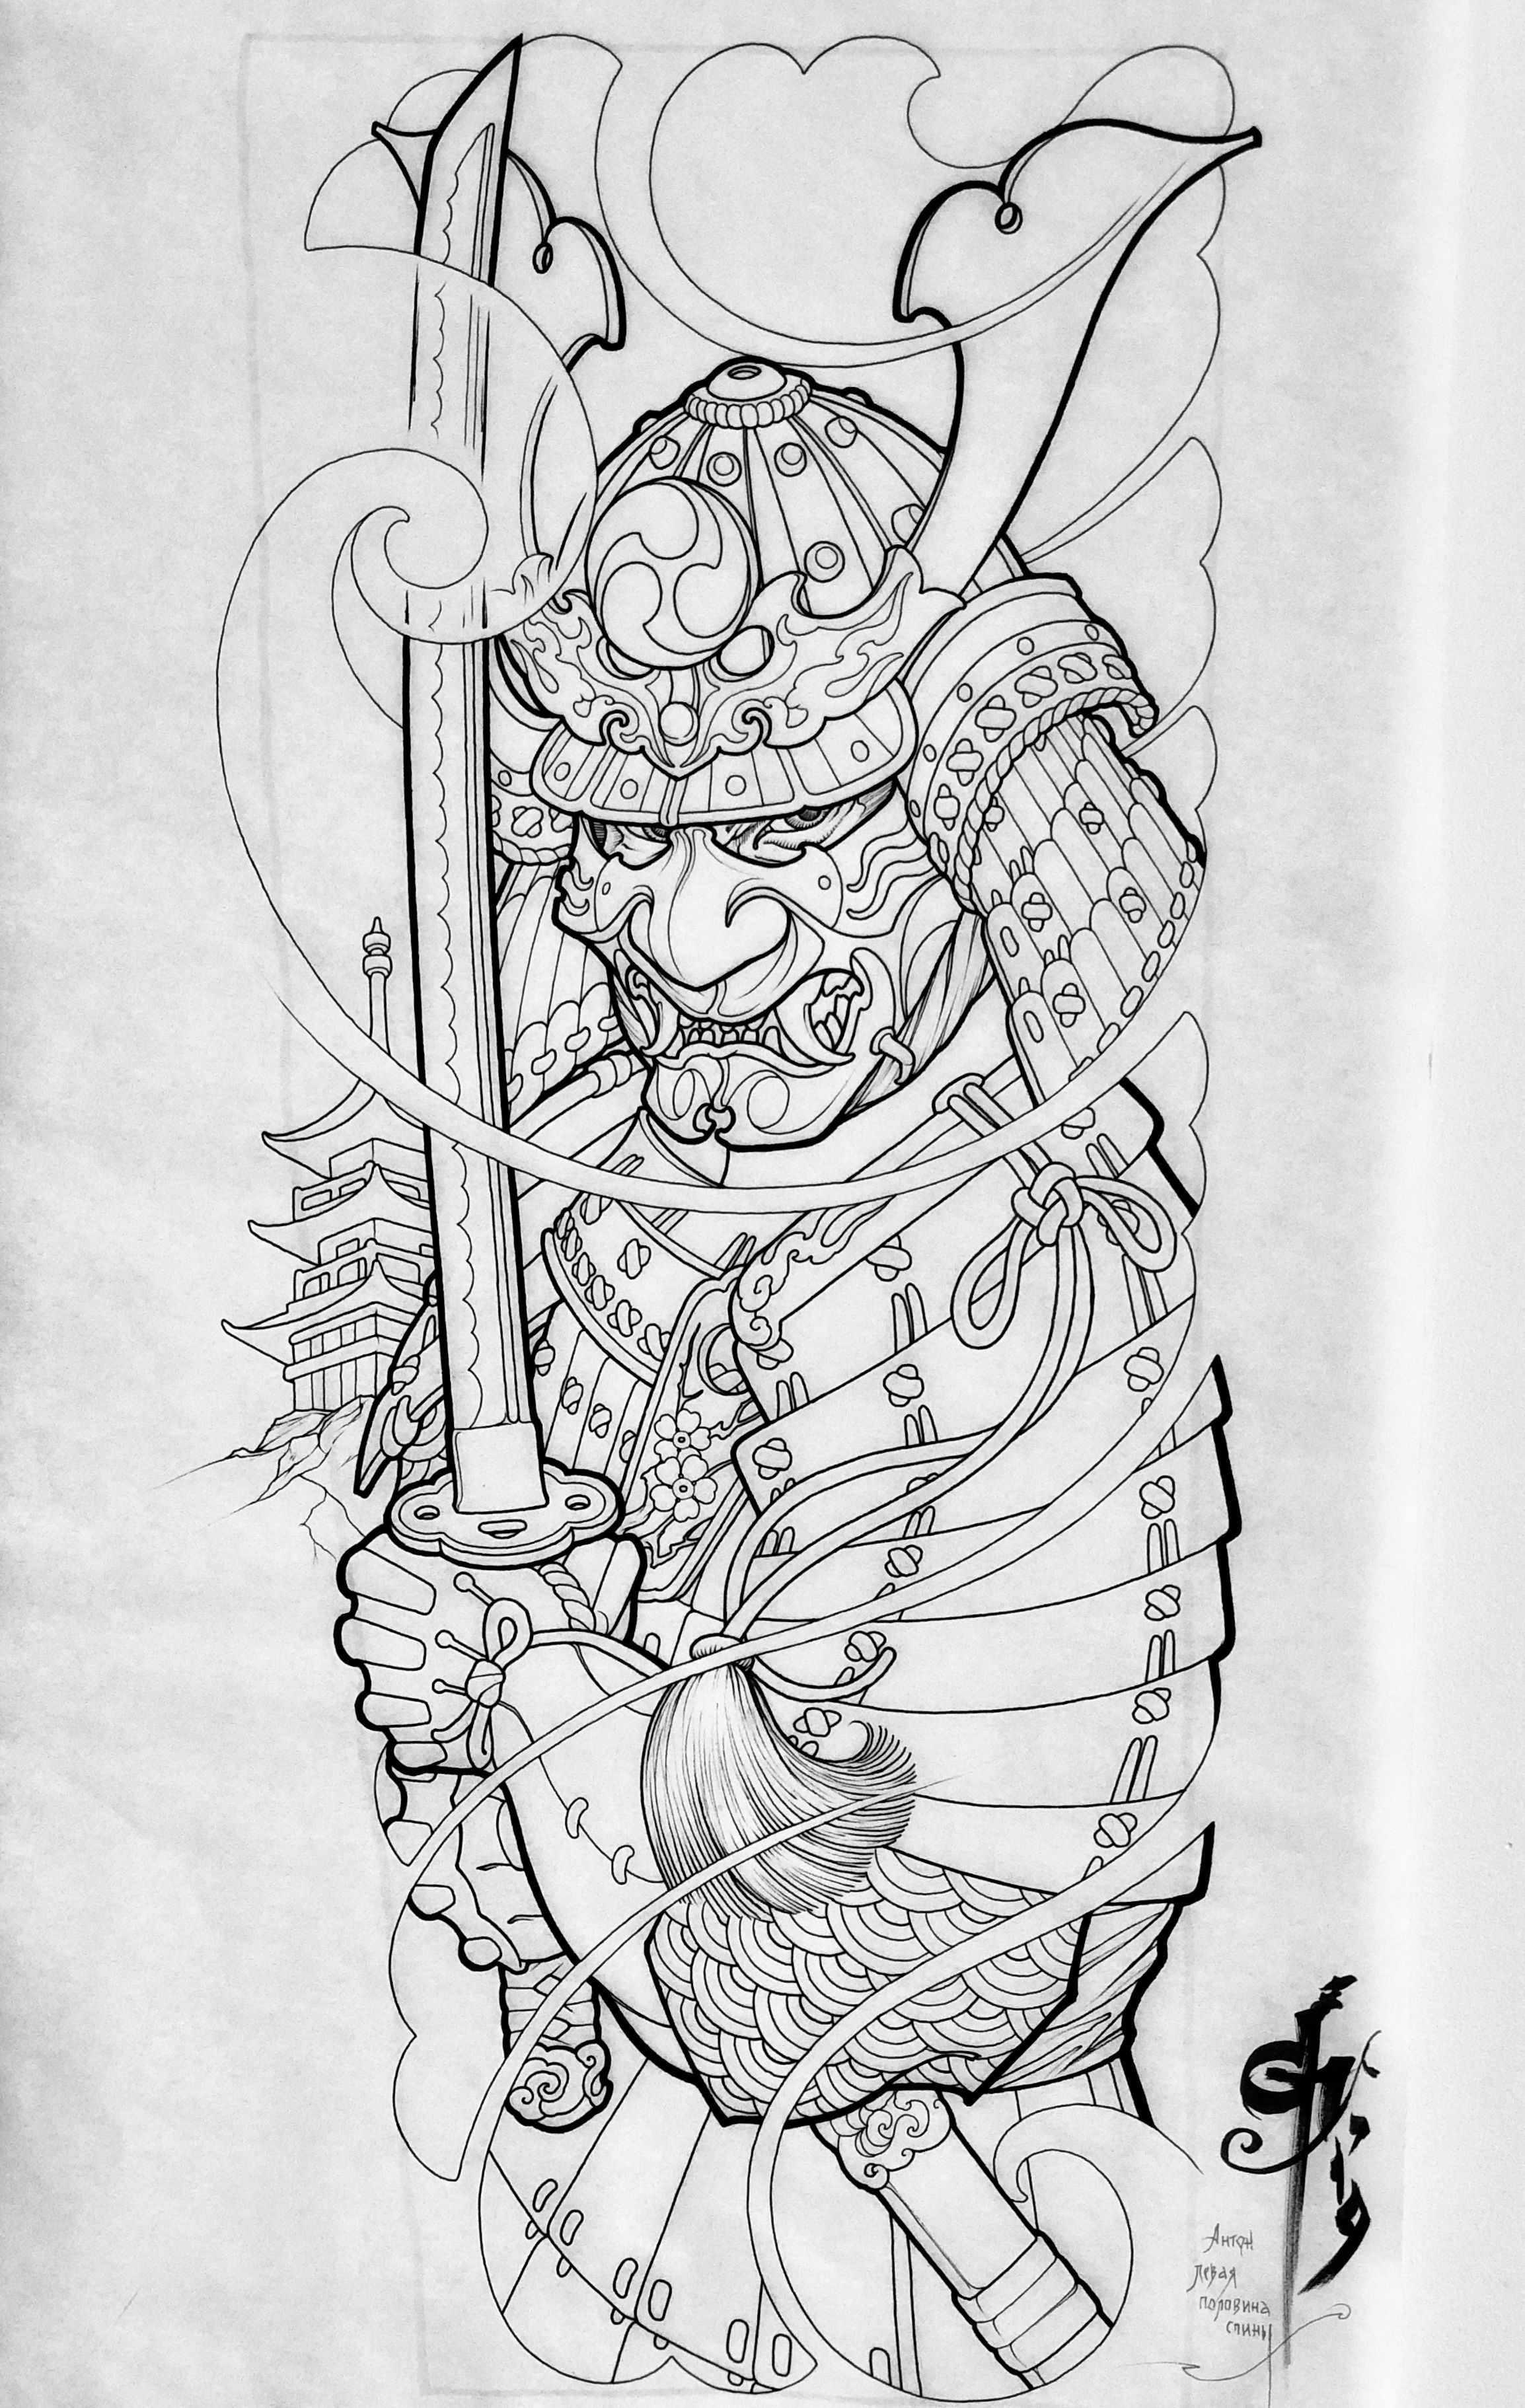 Eskiz Na Spinu In 2020 Samurai Tattoo Design Samurai Tattoo